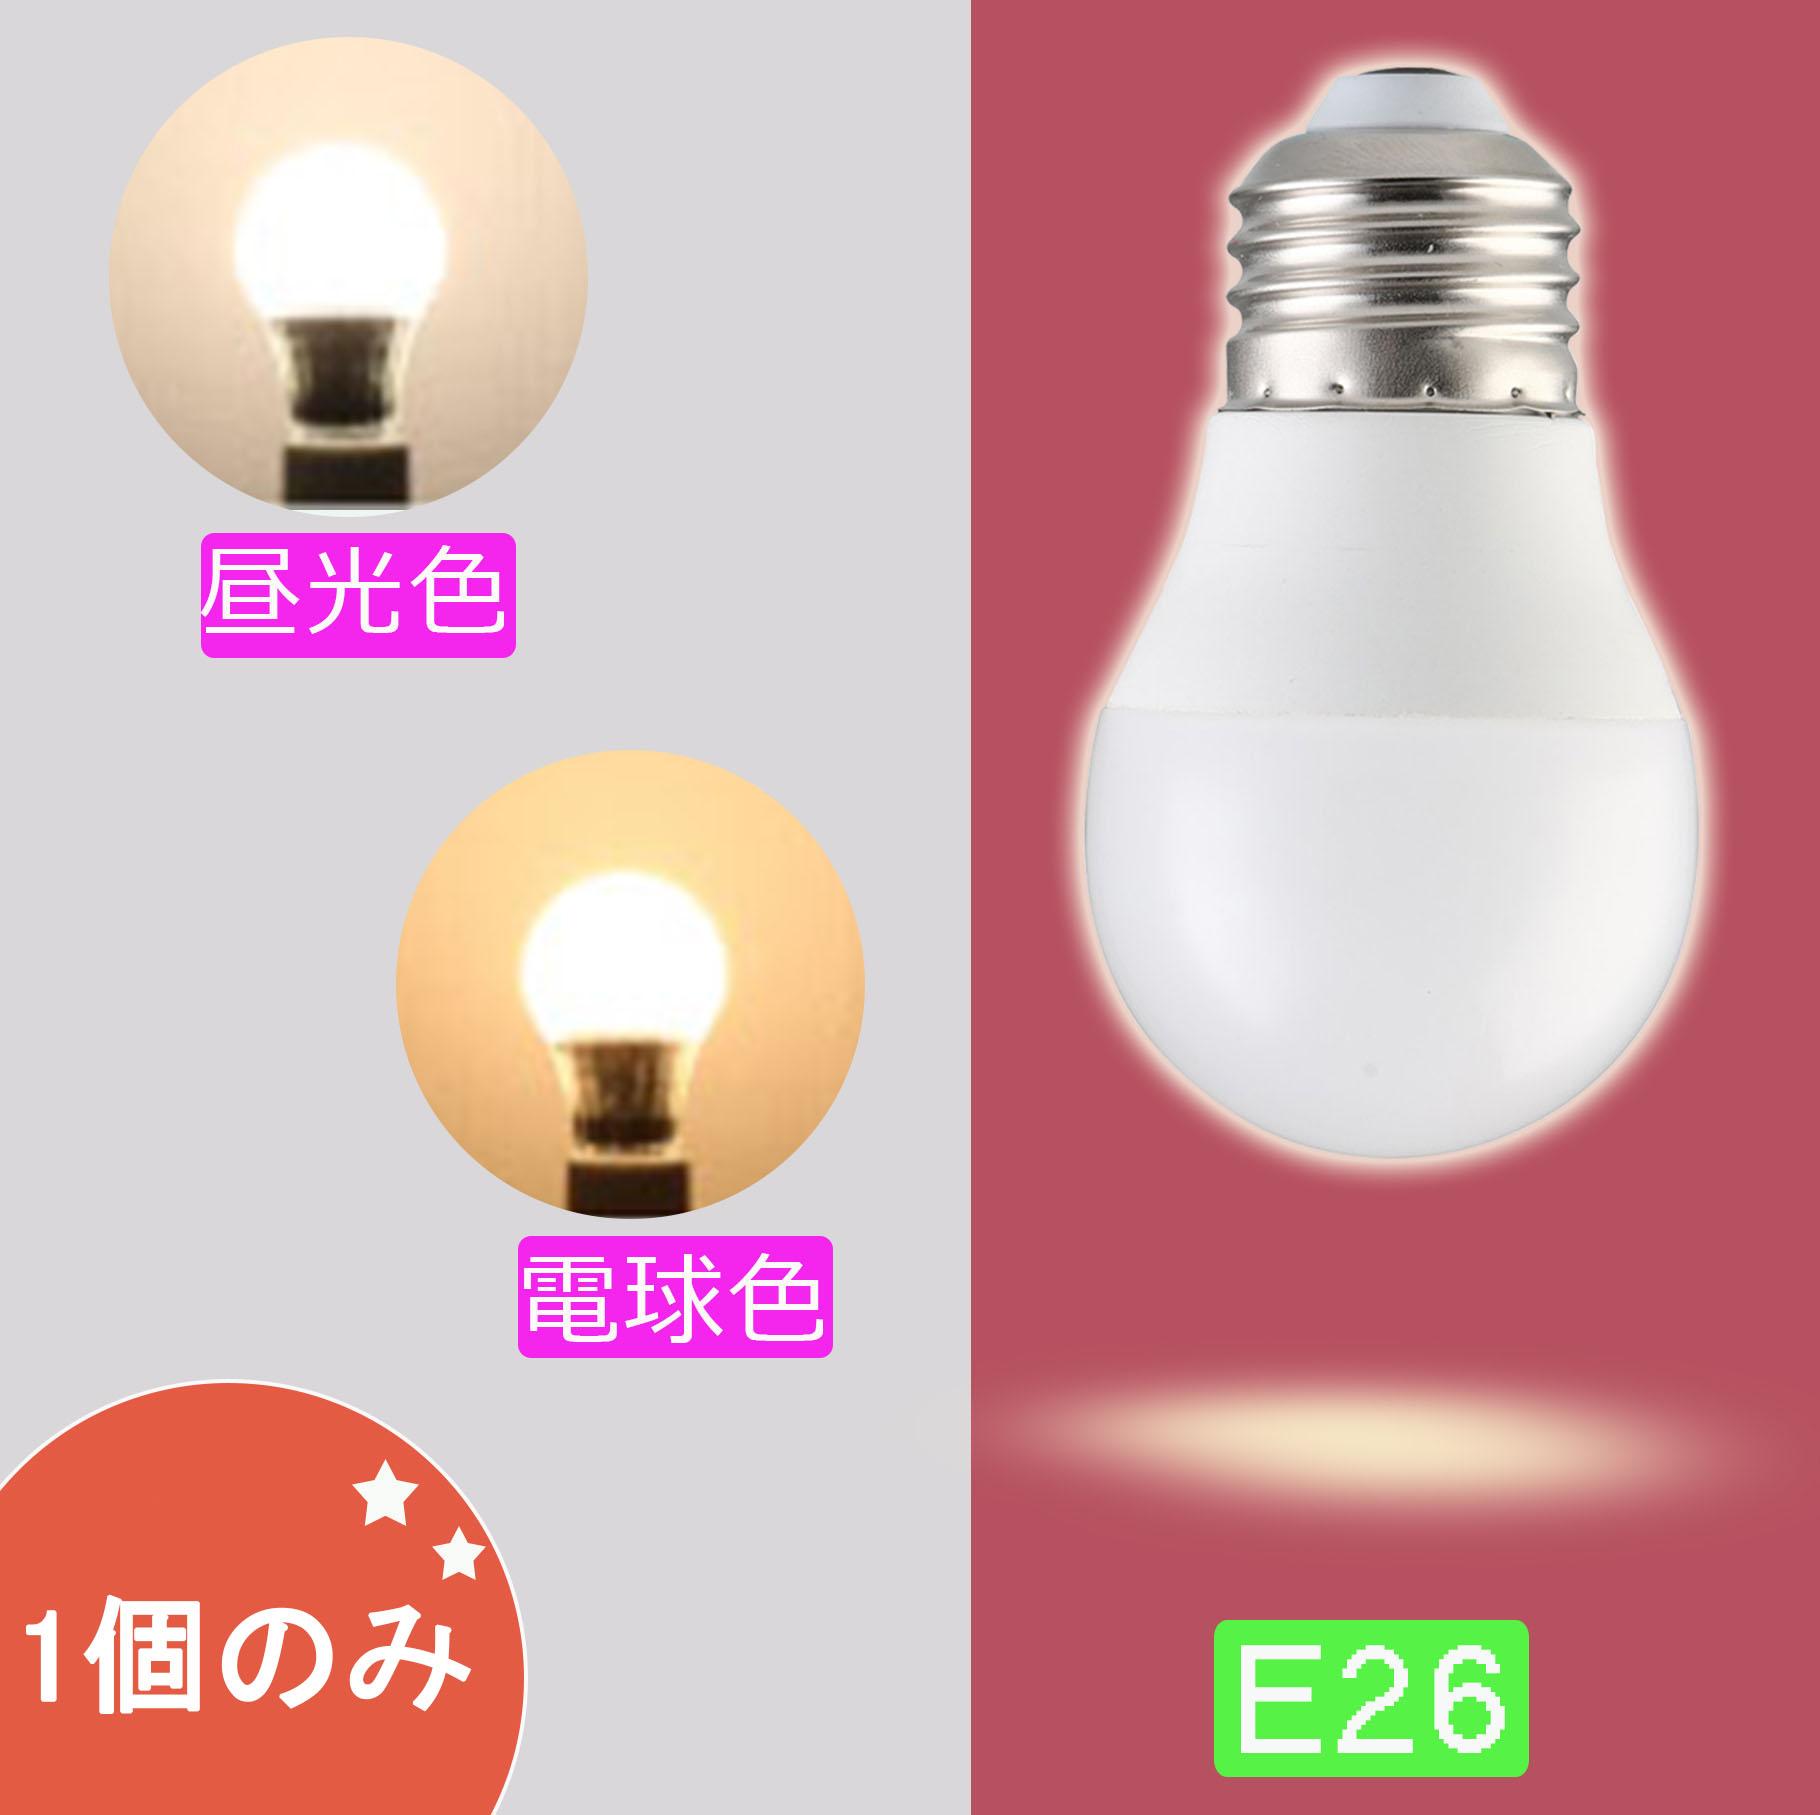 あす楽 安心と信頼 低消費電力を実現 省エネ 約40000時間,寿命は一般電球の約4~8倍で遥かに長寿命 交換する頻度が少なくて済みます 点灯消灯を繰り返しても寿命に影響無し LED電球 e26 60形相当 大規模セール 電球 LED LEDライト 昼光色 電球色 照明 ライト ランプ あかり 玄関 60W形 広配光 廊下 節電 脱衣所 エコ 天井 照らす ECO 照明器具 明るい 消費電力:5W トイレ E26口金 PL保険加入済み クローゼット キッチン